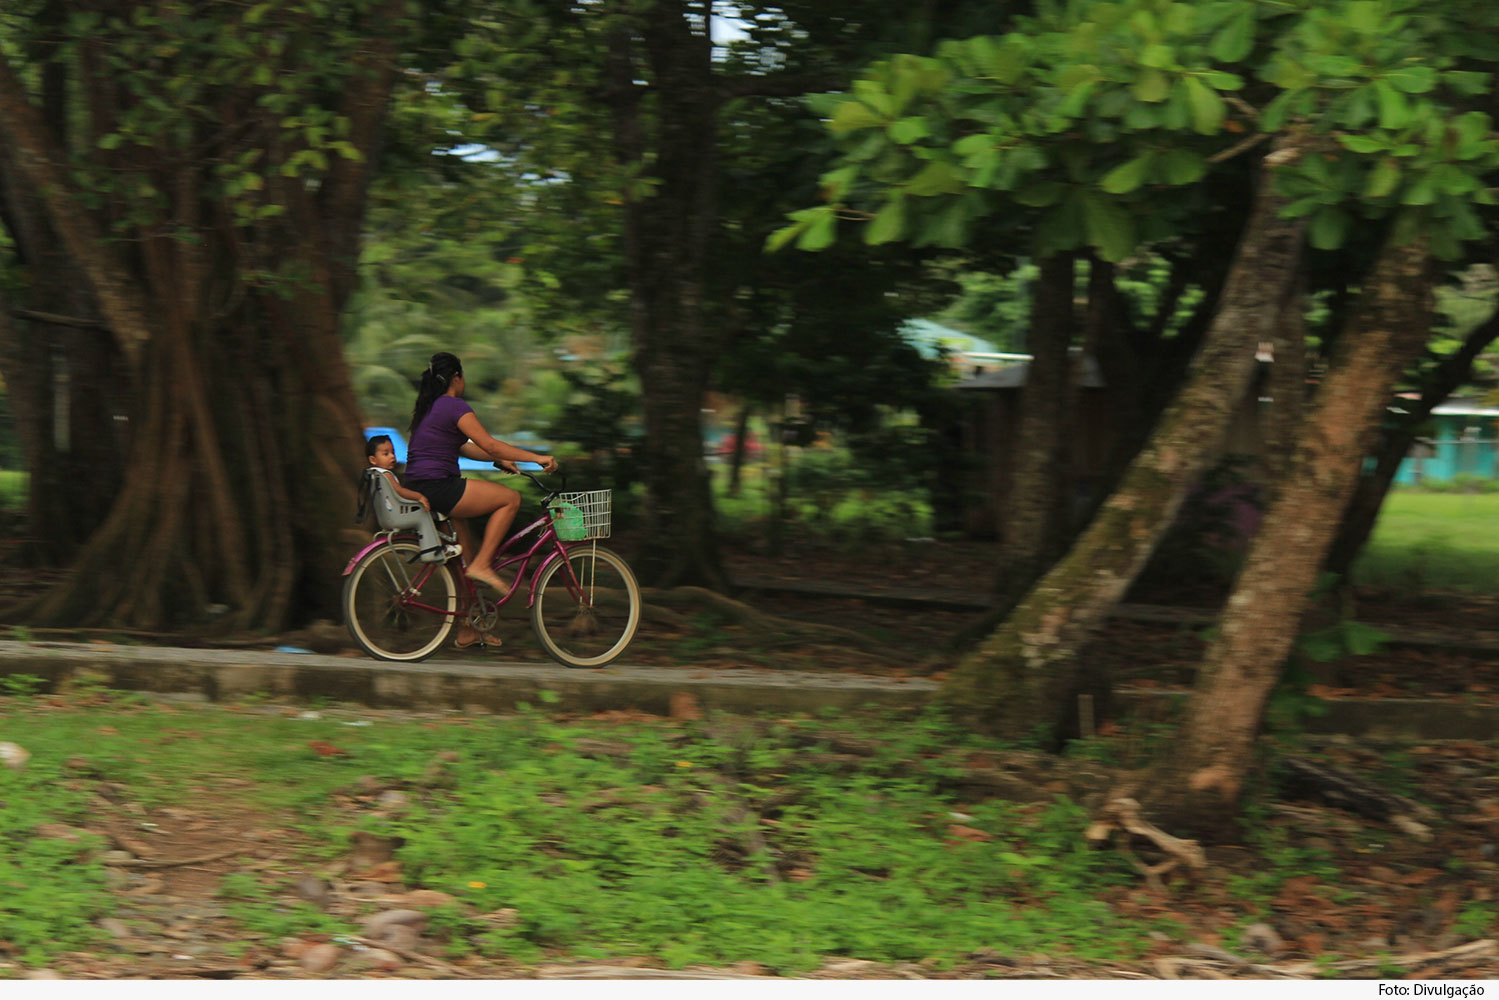 Mulher em bicicleta com criança na garupa